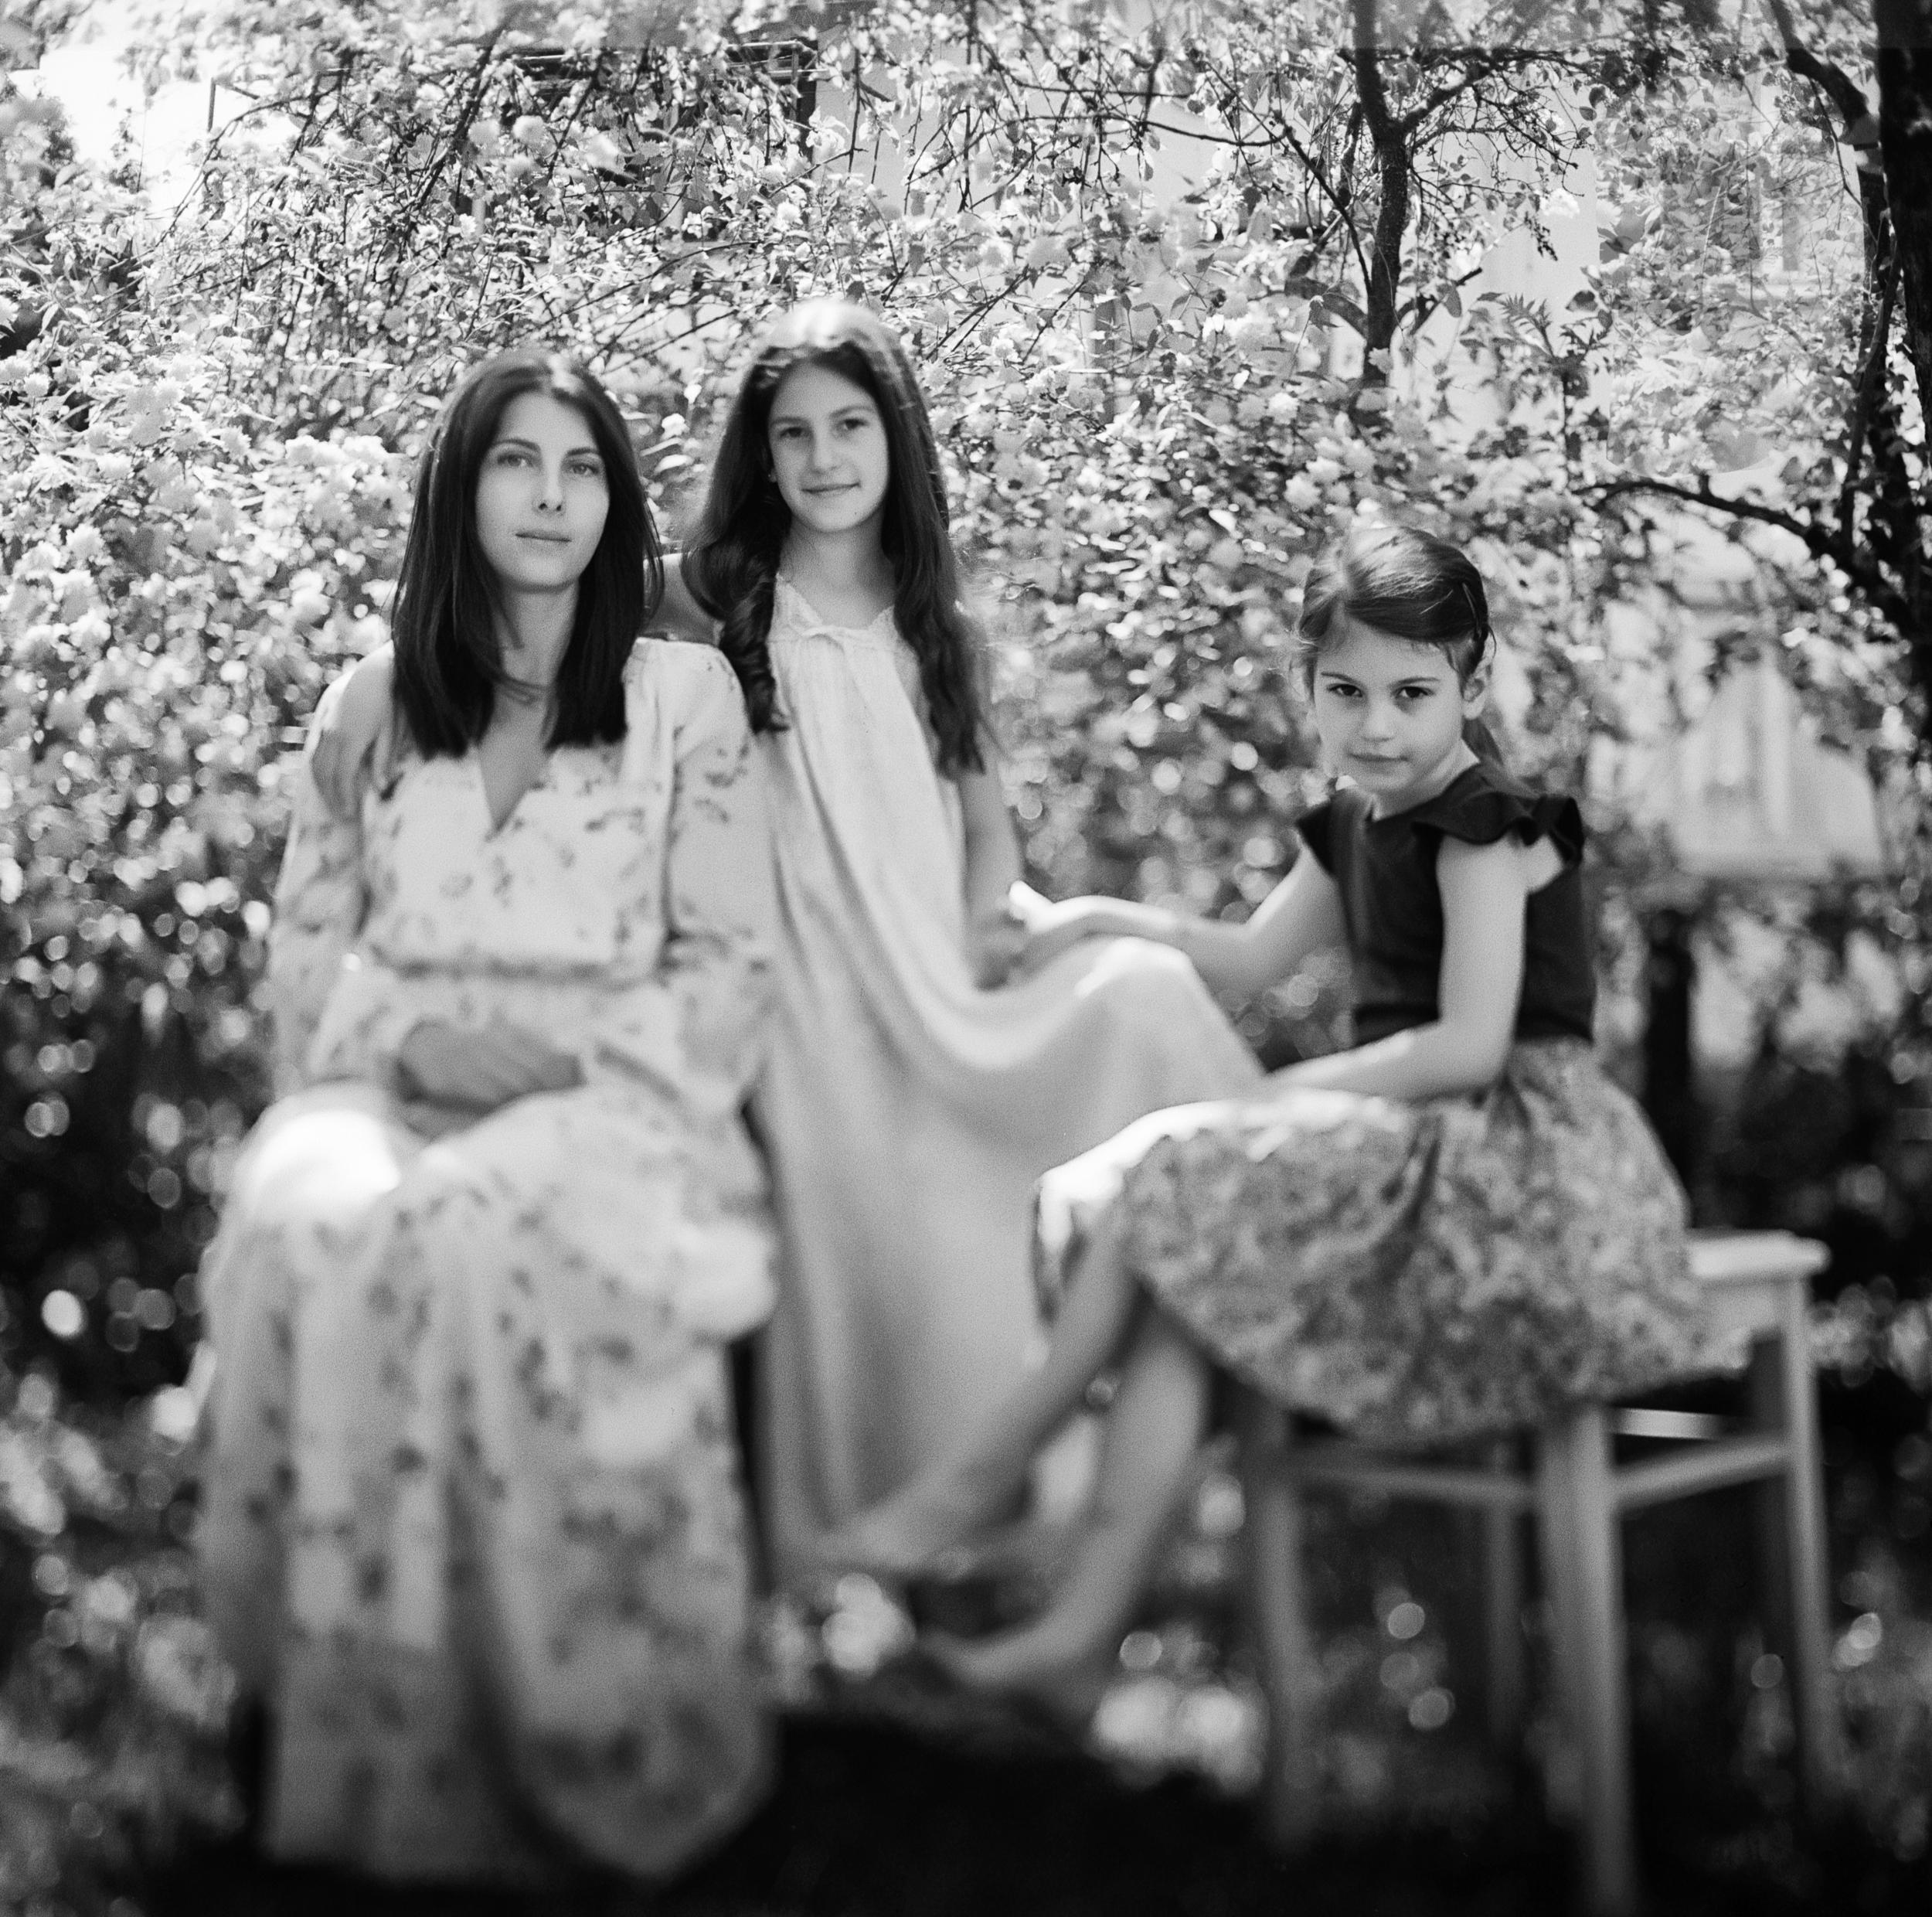 georg schmidt fotograf aus aschaffenburg-familienportrait-analog-film-trix 400-schwarzweiss-gefühlvolle portraits-mittelformat 120.jpg